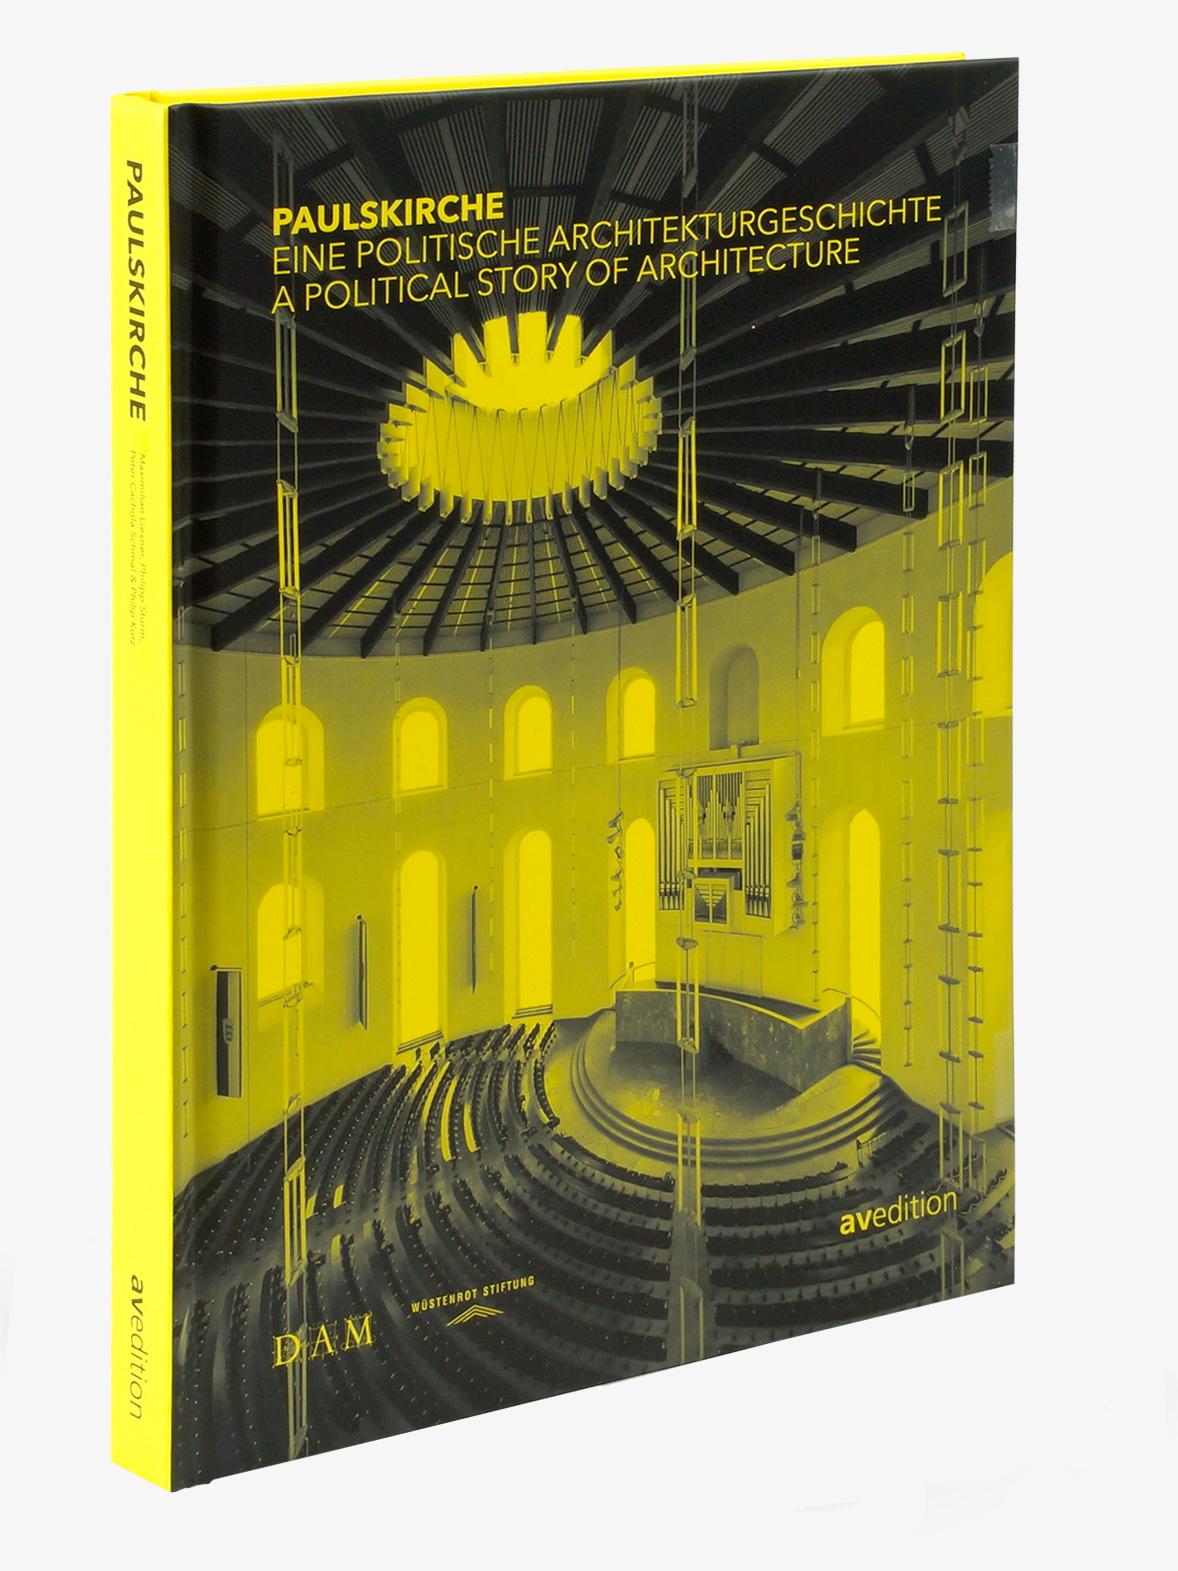 Paulskirche – Eine politische Architekturgeschichte. A Political Story of Architecture